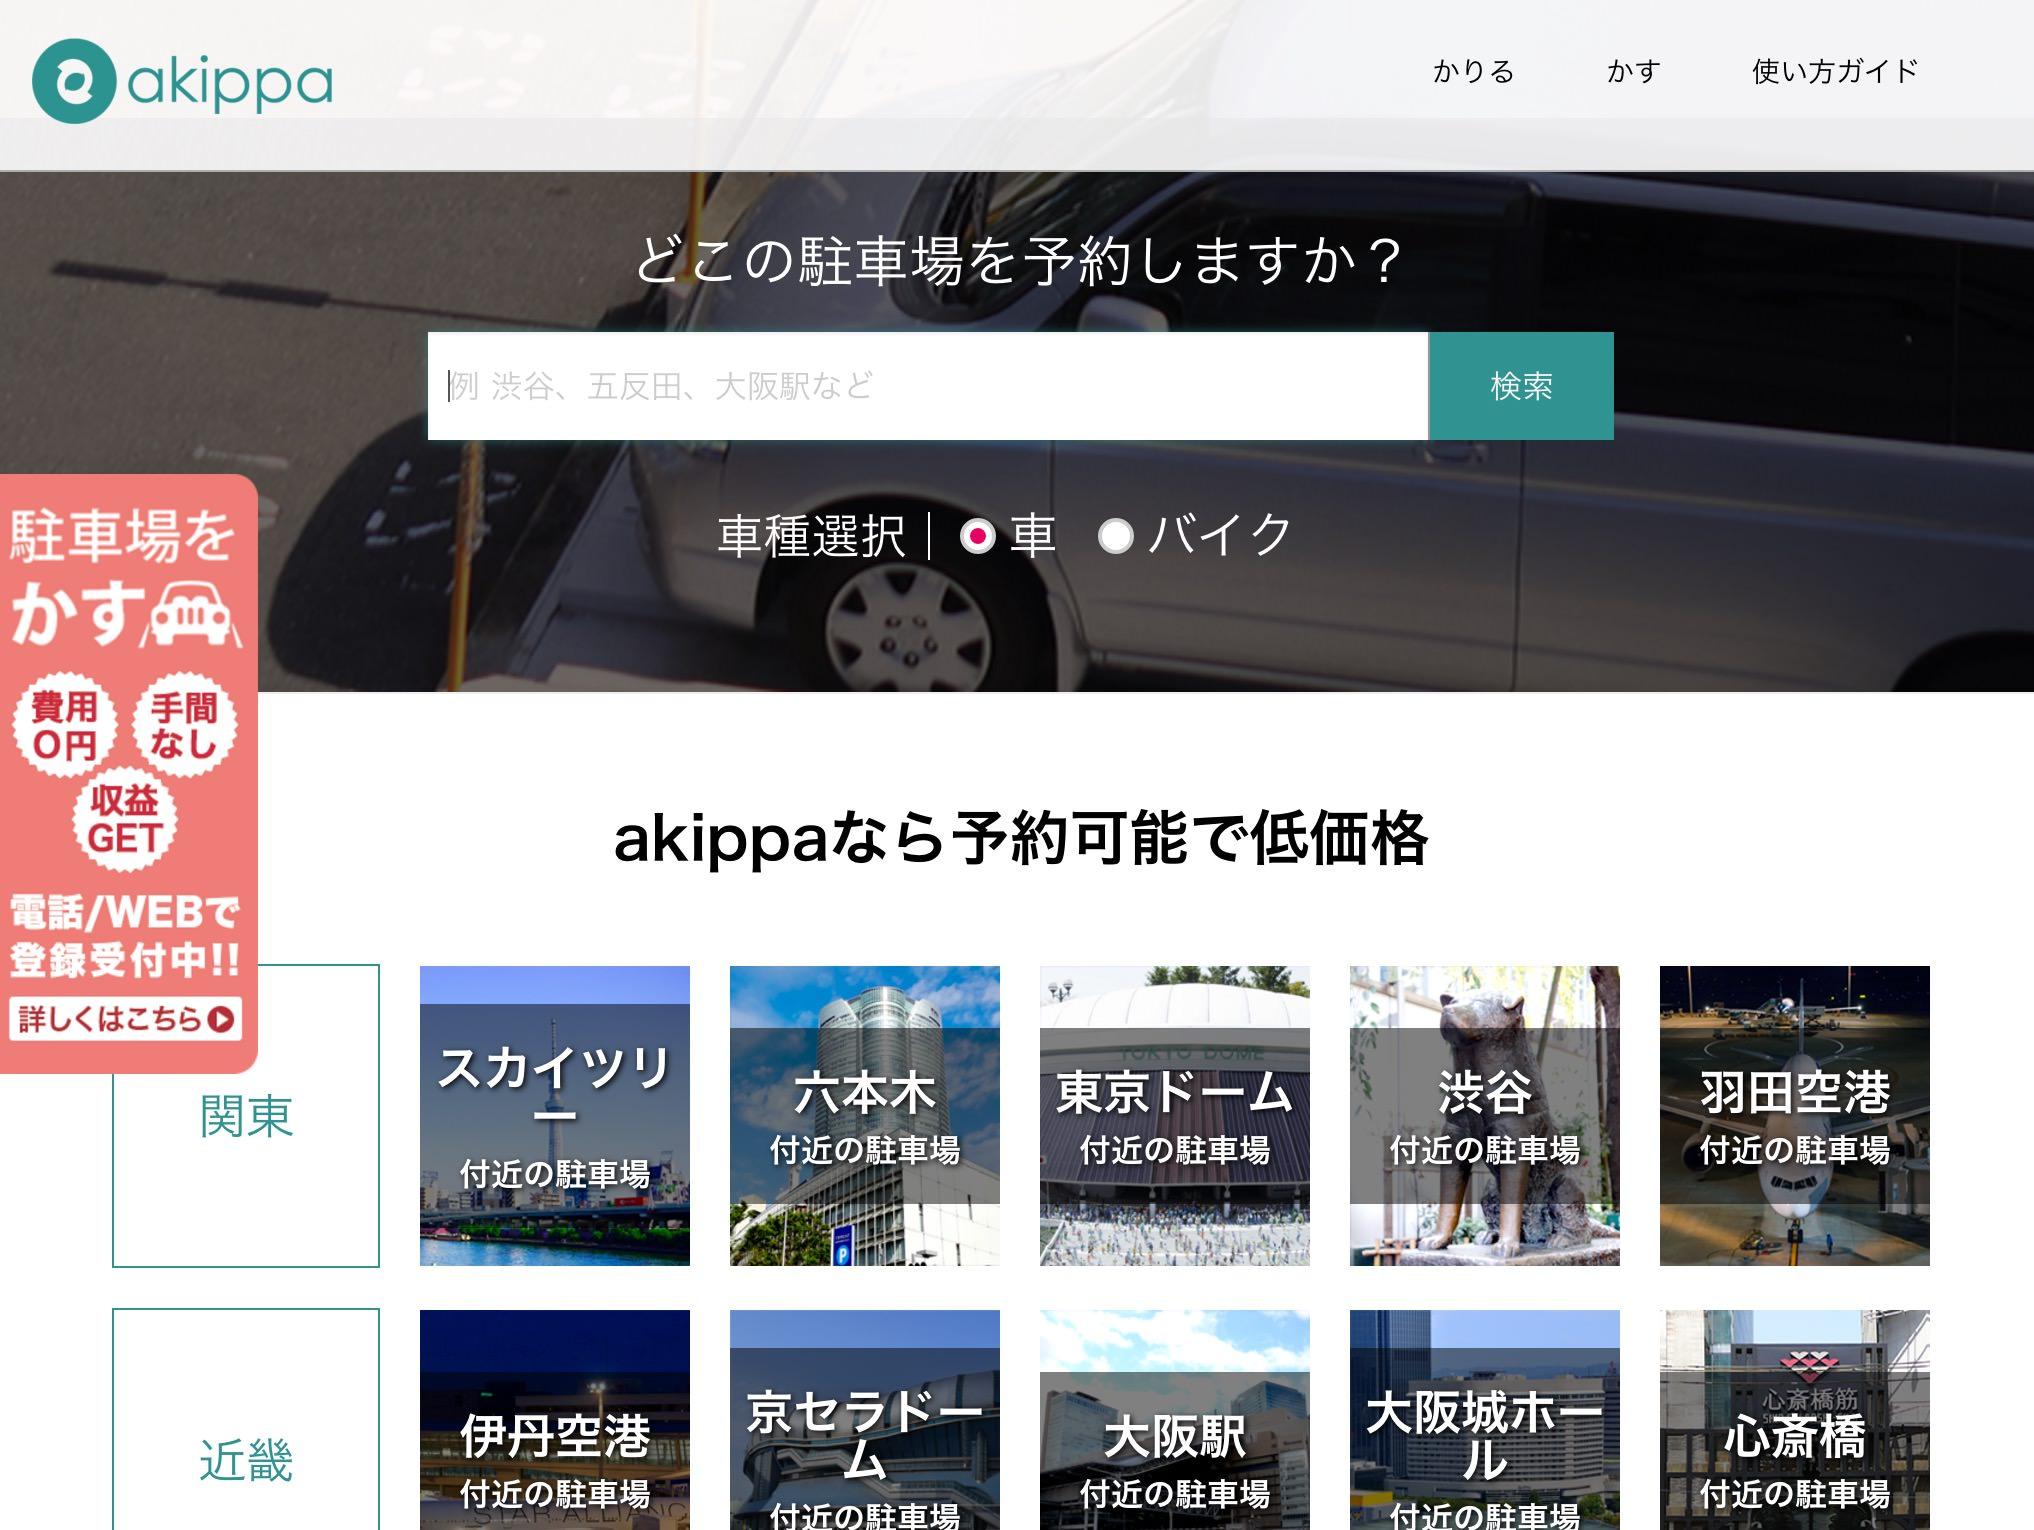 空き駐車場マッチングサービス「akippa(アキッパ)」6億円を調達、海外展開も視野に